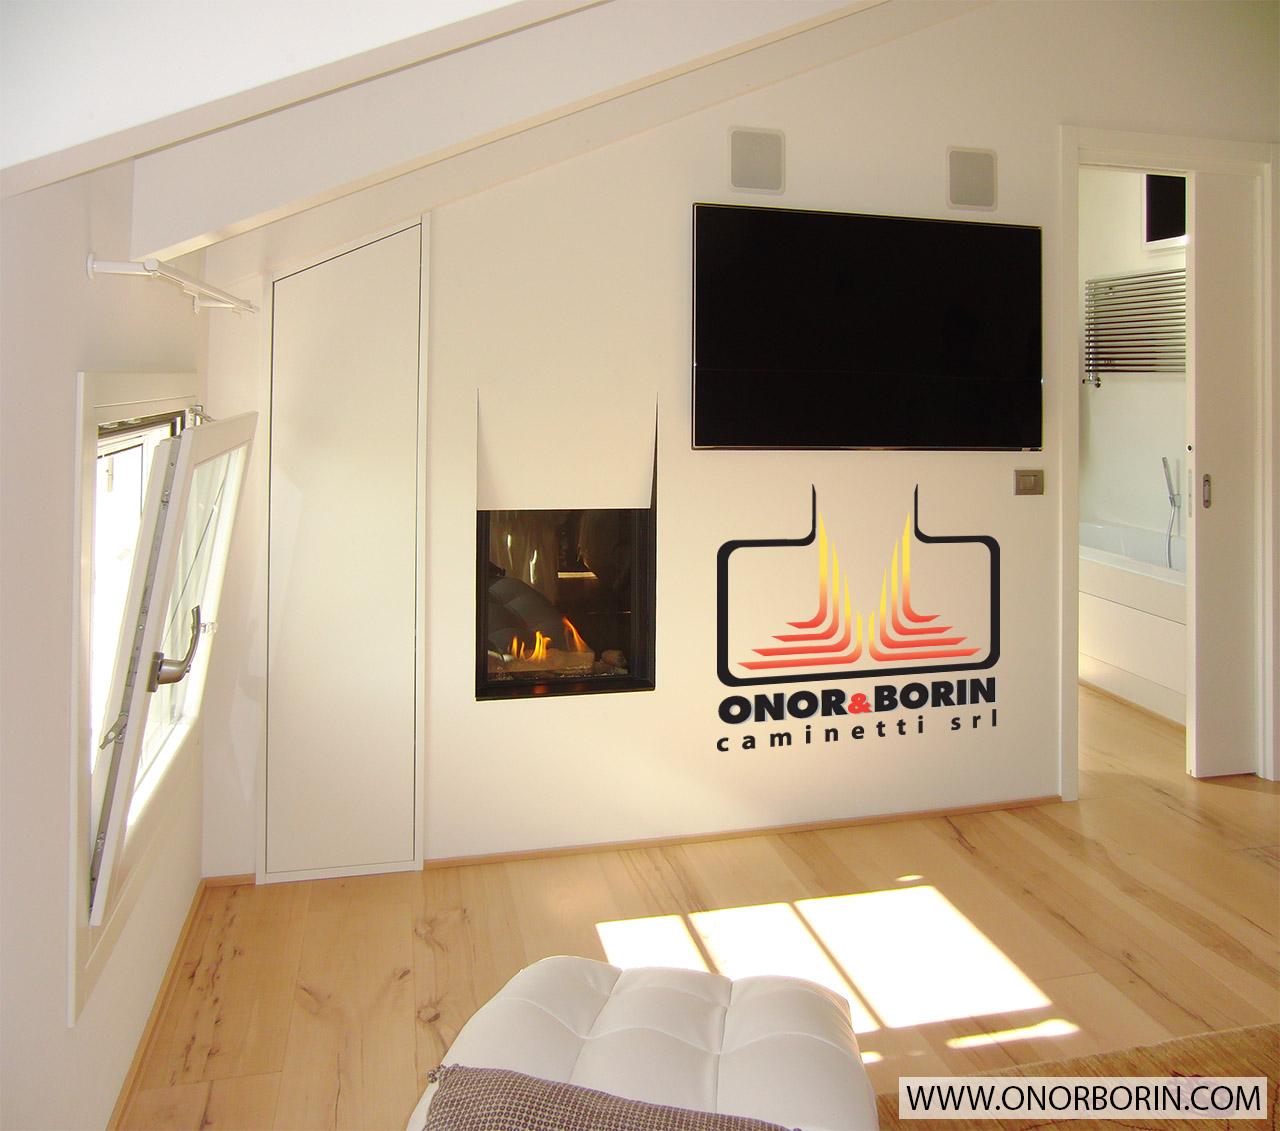 Eccezionale Caminetti a gas in camera da letto - Onor & Borin BB05